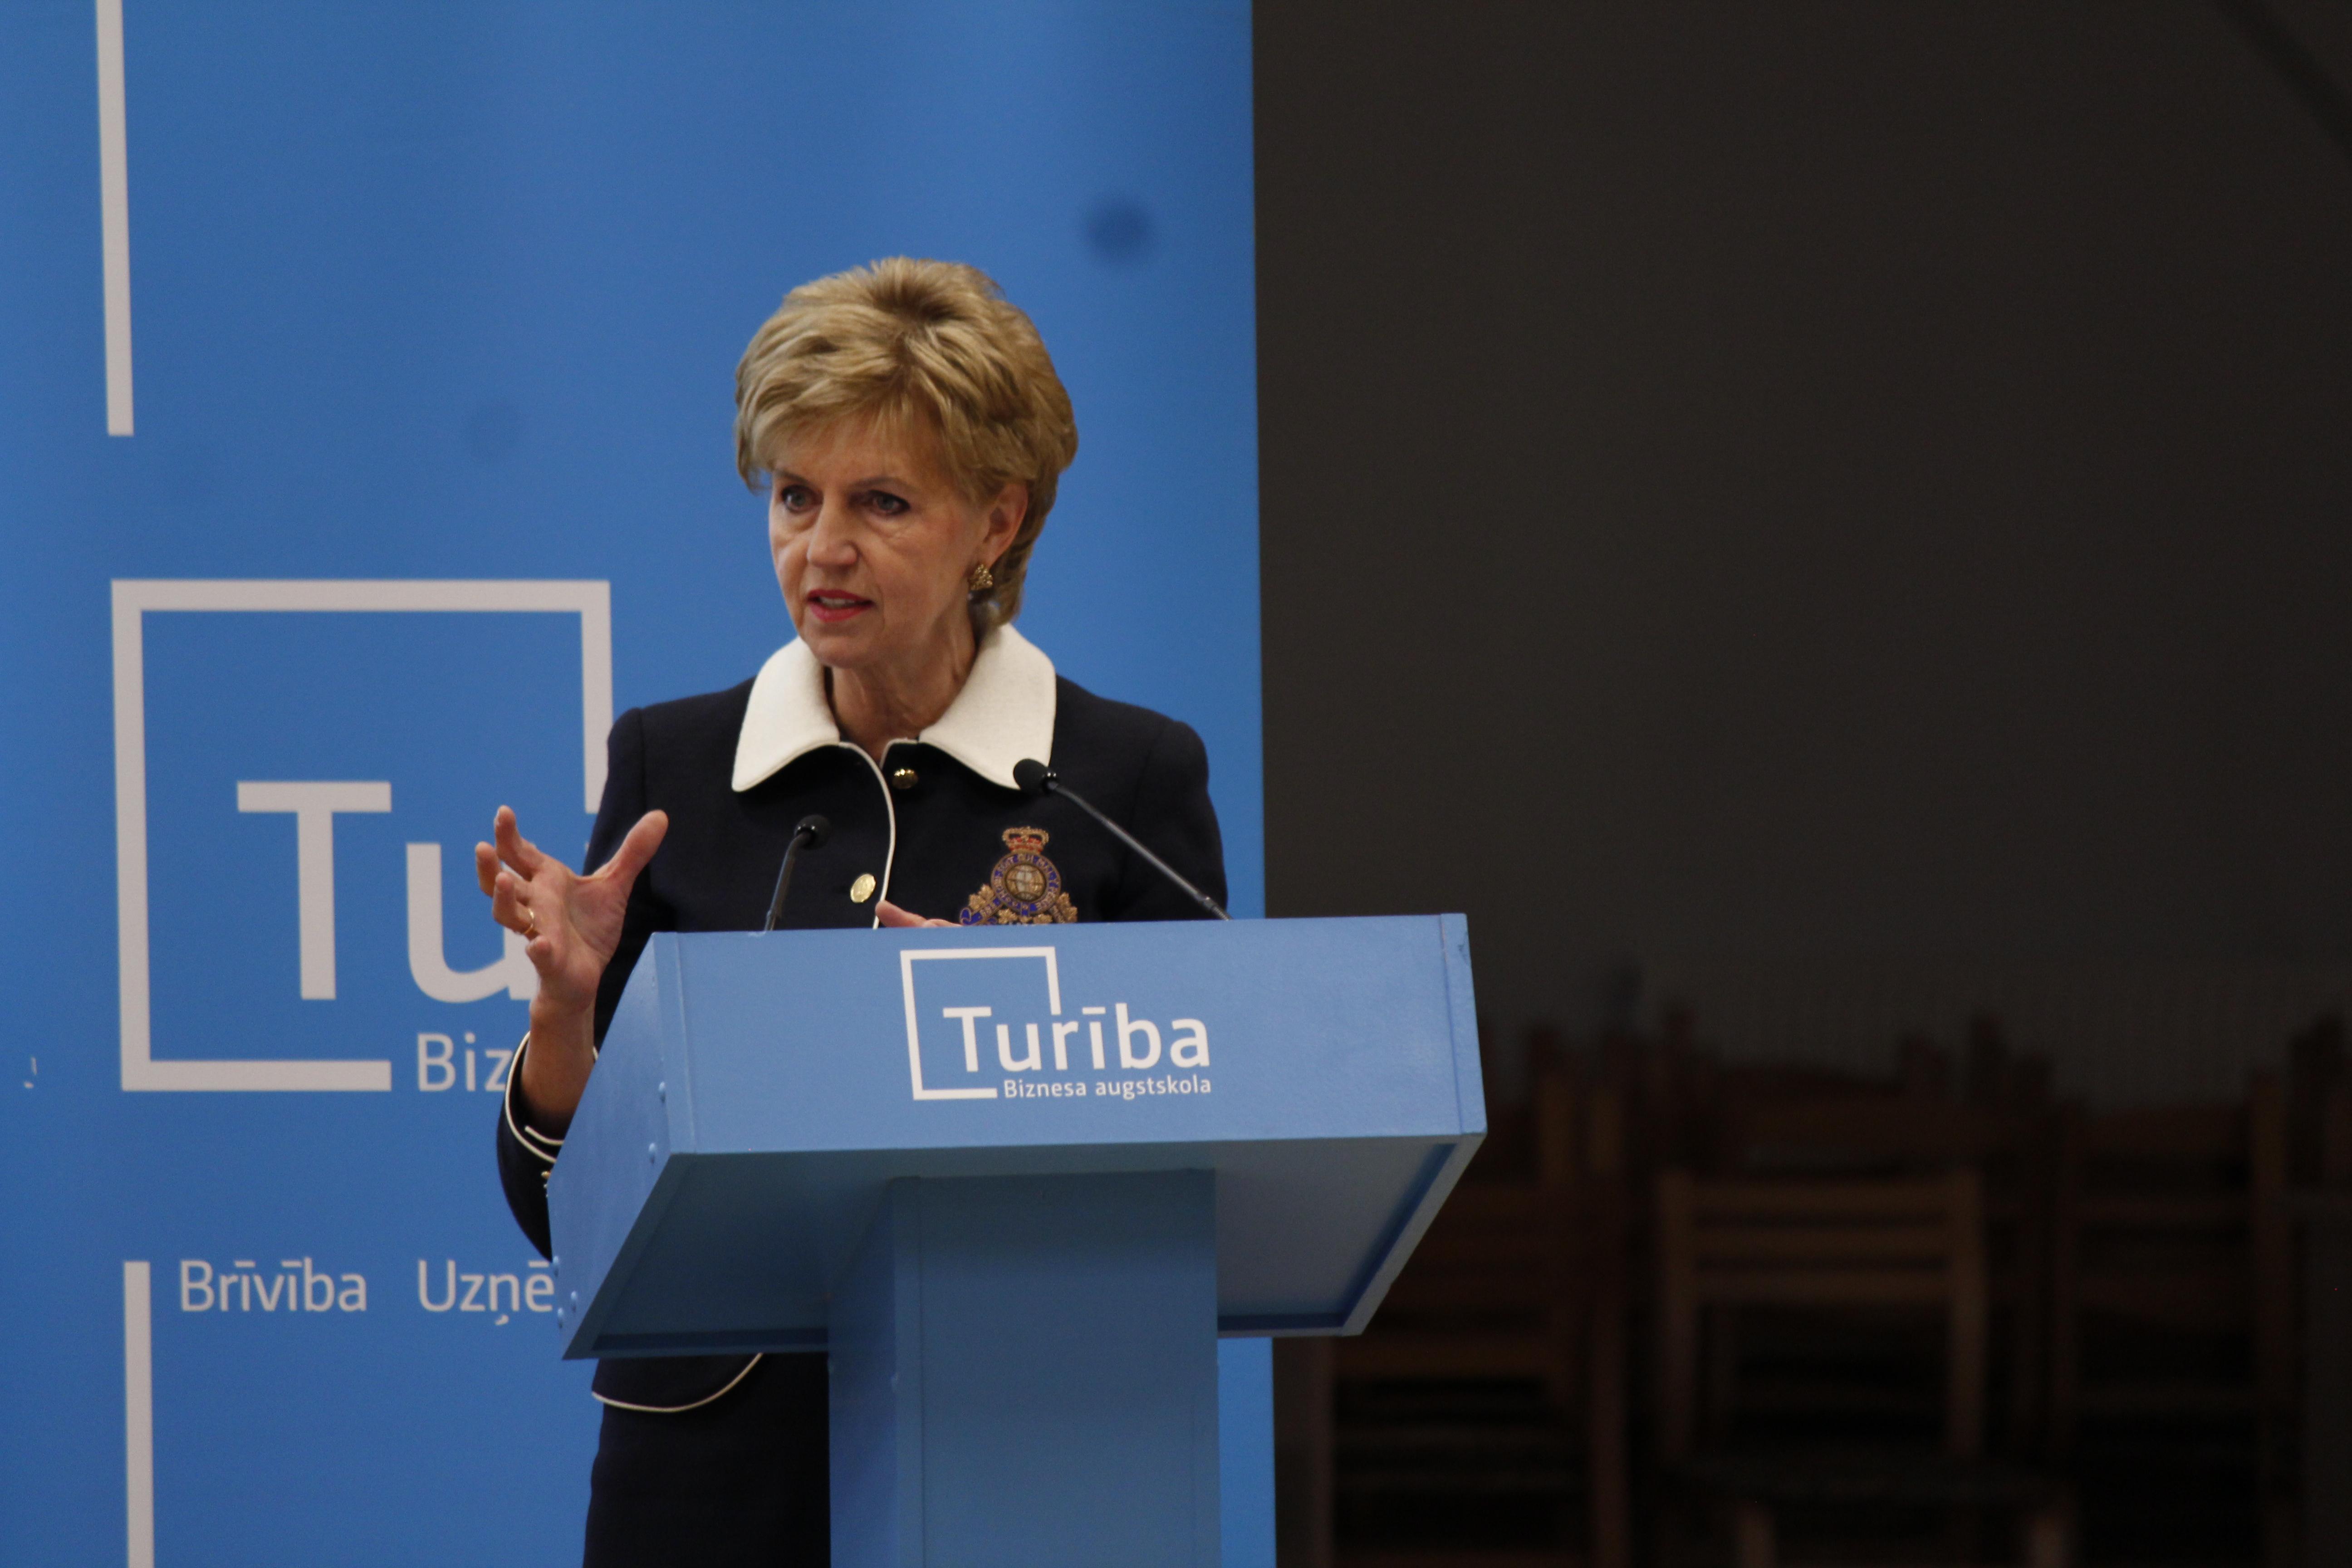 2014.05.29. Konference Turībā